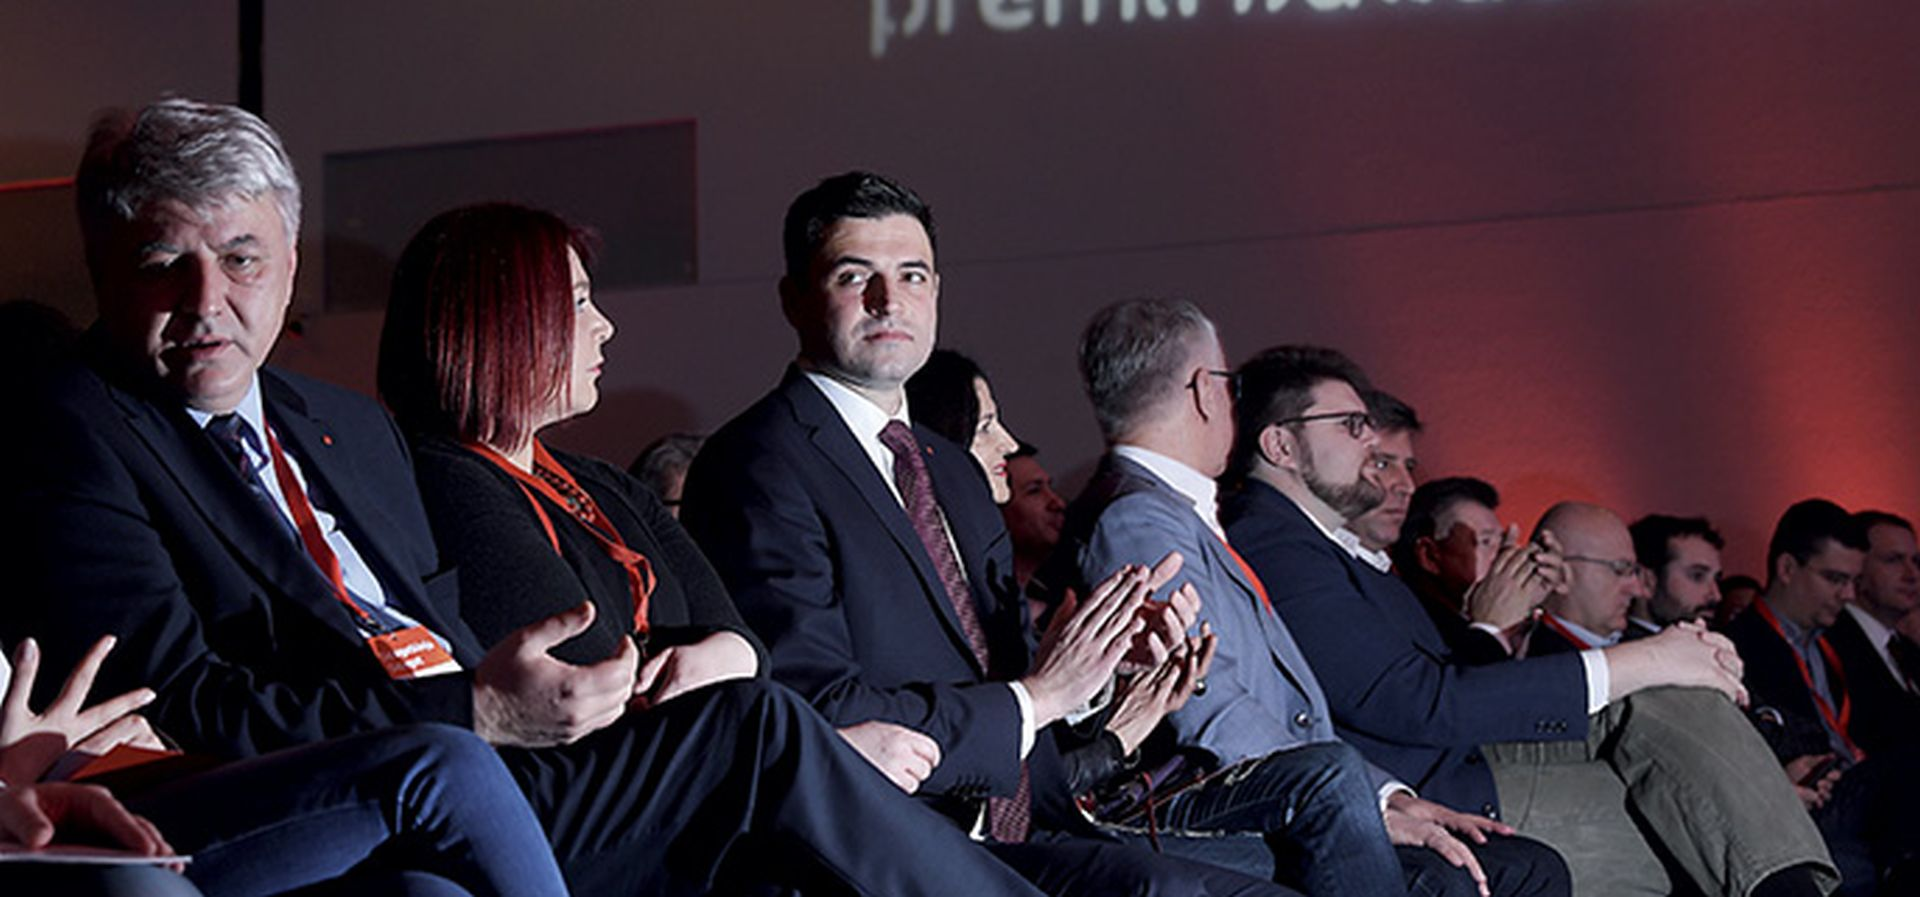 Pet županijskih organizacija više neće moći rušiti šefa SDP-a